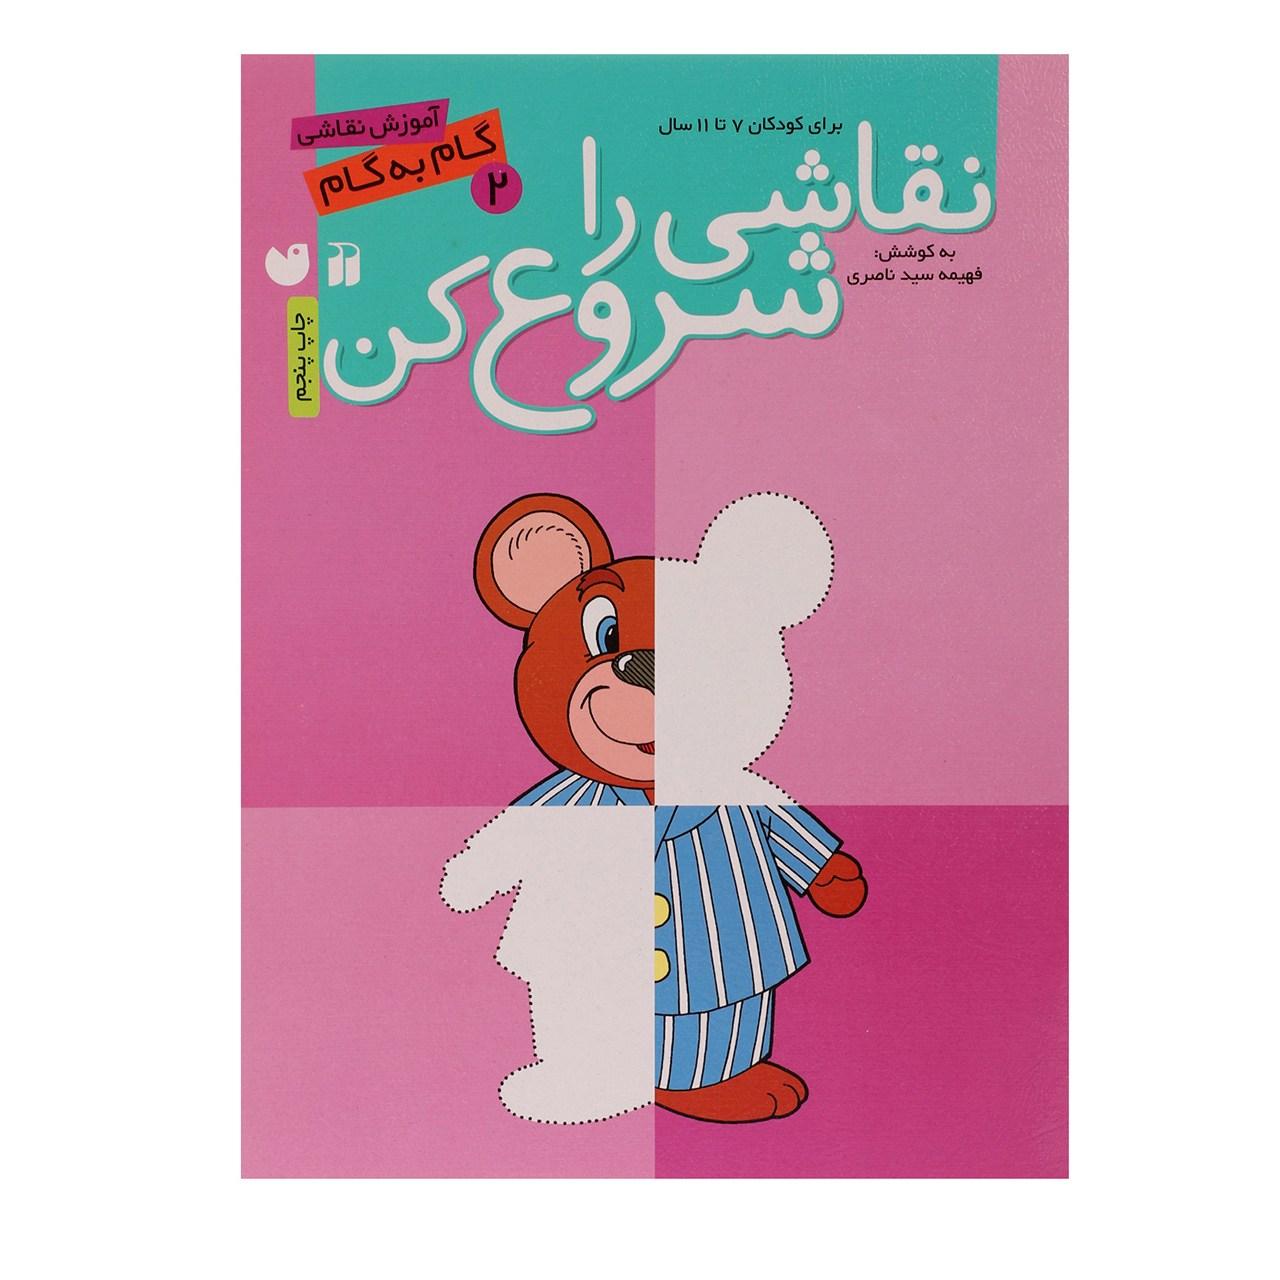 کتاب نقاشی را شروع کن اثر فهیمه سیدناصری - جلد دوم